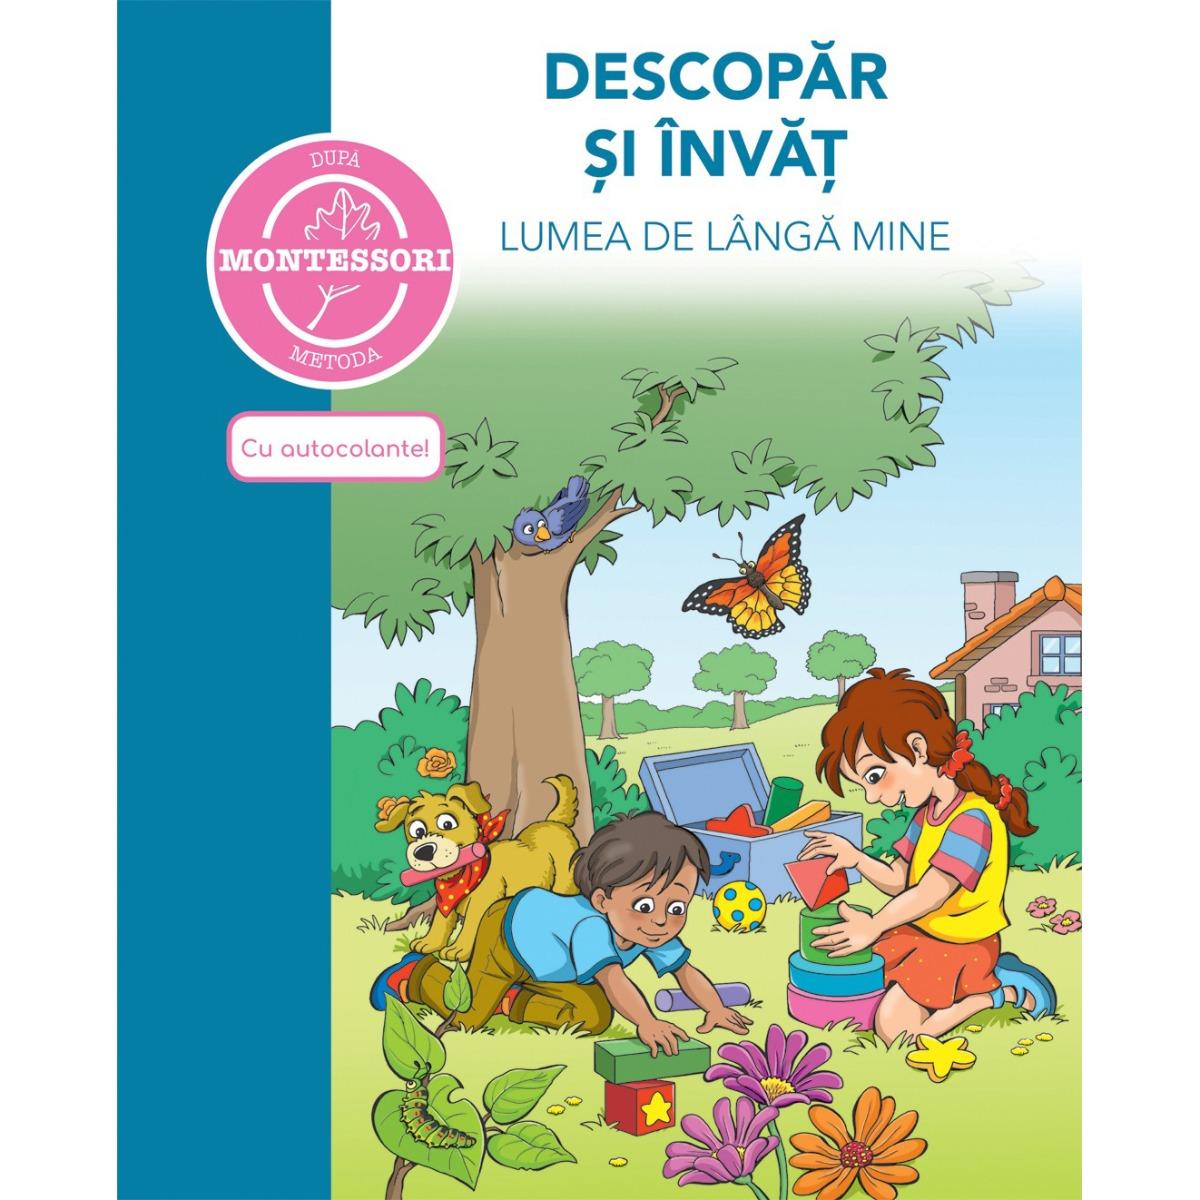 Carte Descopar si invat lumea de langa mine - dupa metoda Montessori, Editura DPH imagine 2021